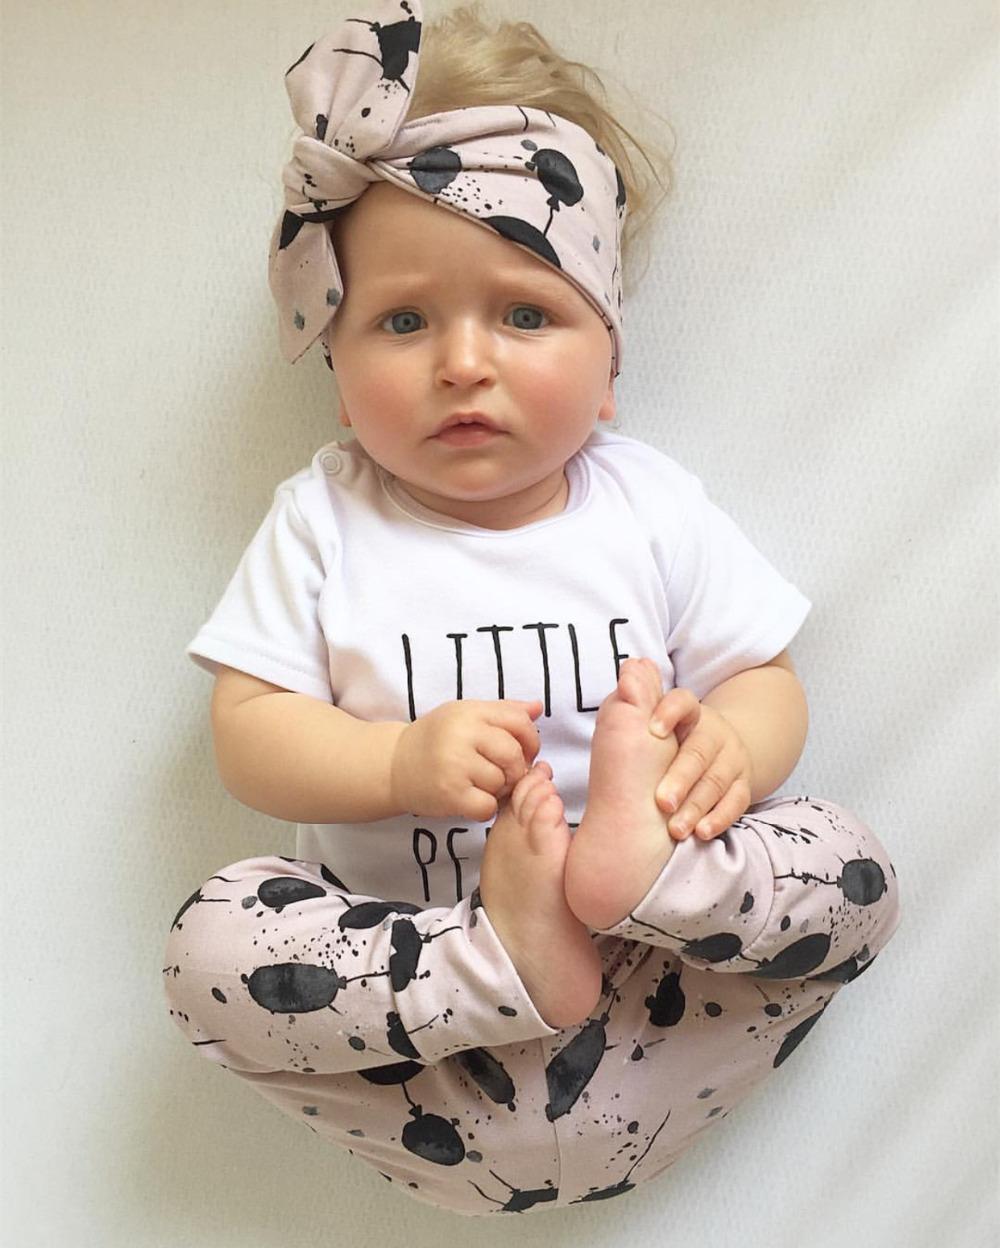 3Pcs / Set bébé nouveau-né fille Vêtements Lettre Casual manches courtes T-shirt + pantalon d'impression ballon + Bandeau bébé enfant en bas âge Vêtements Ensembles 1021